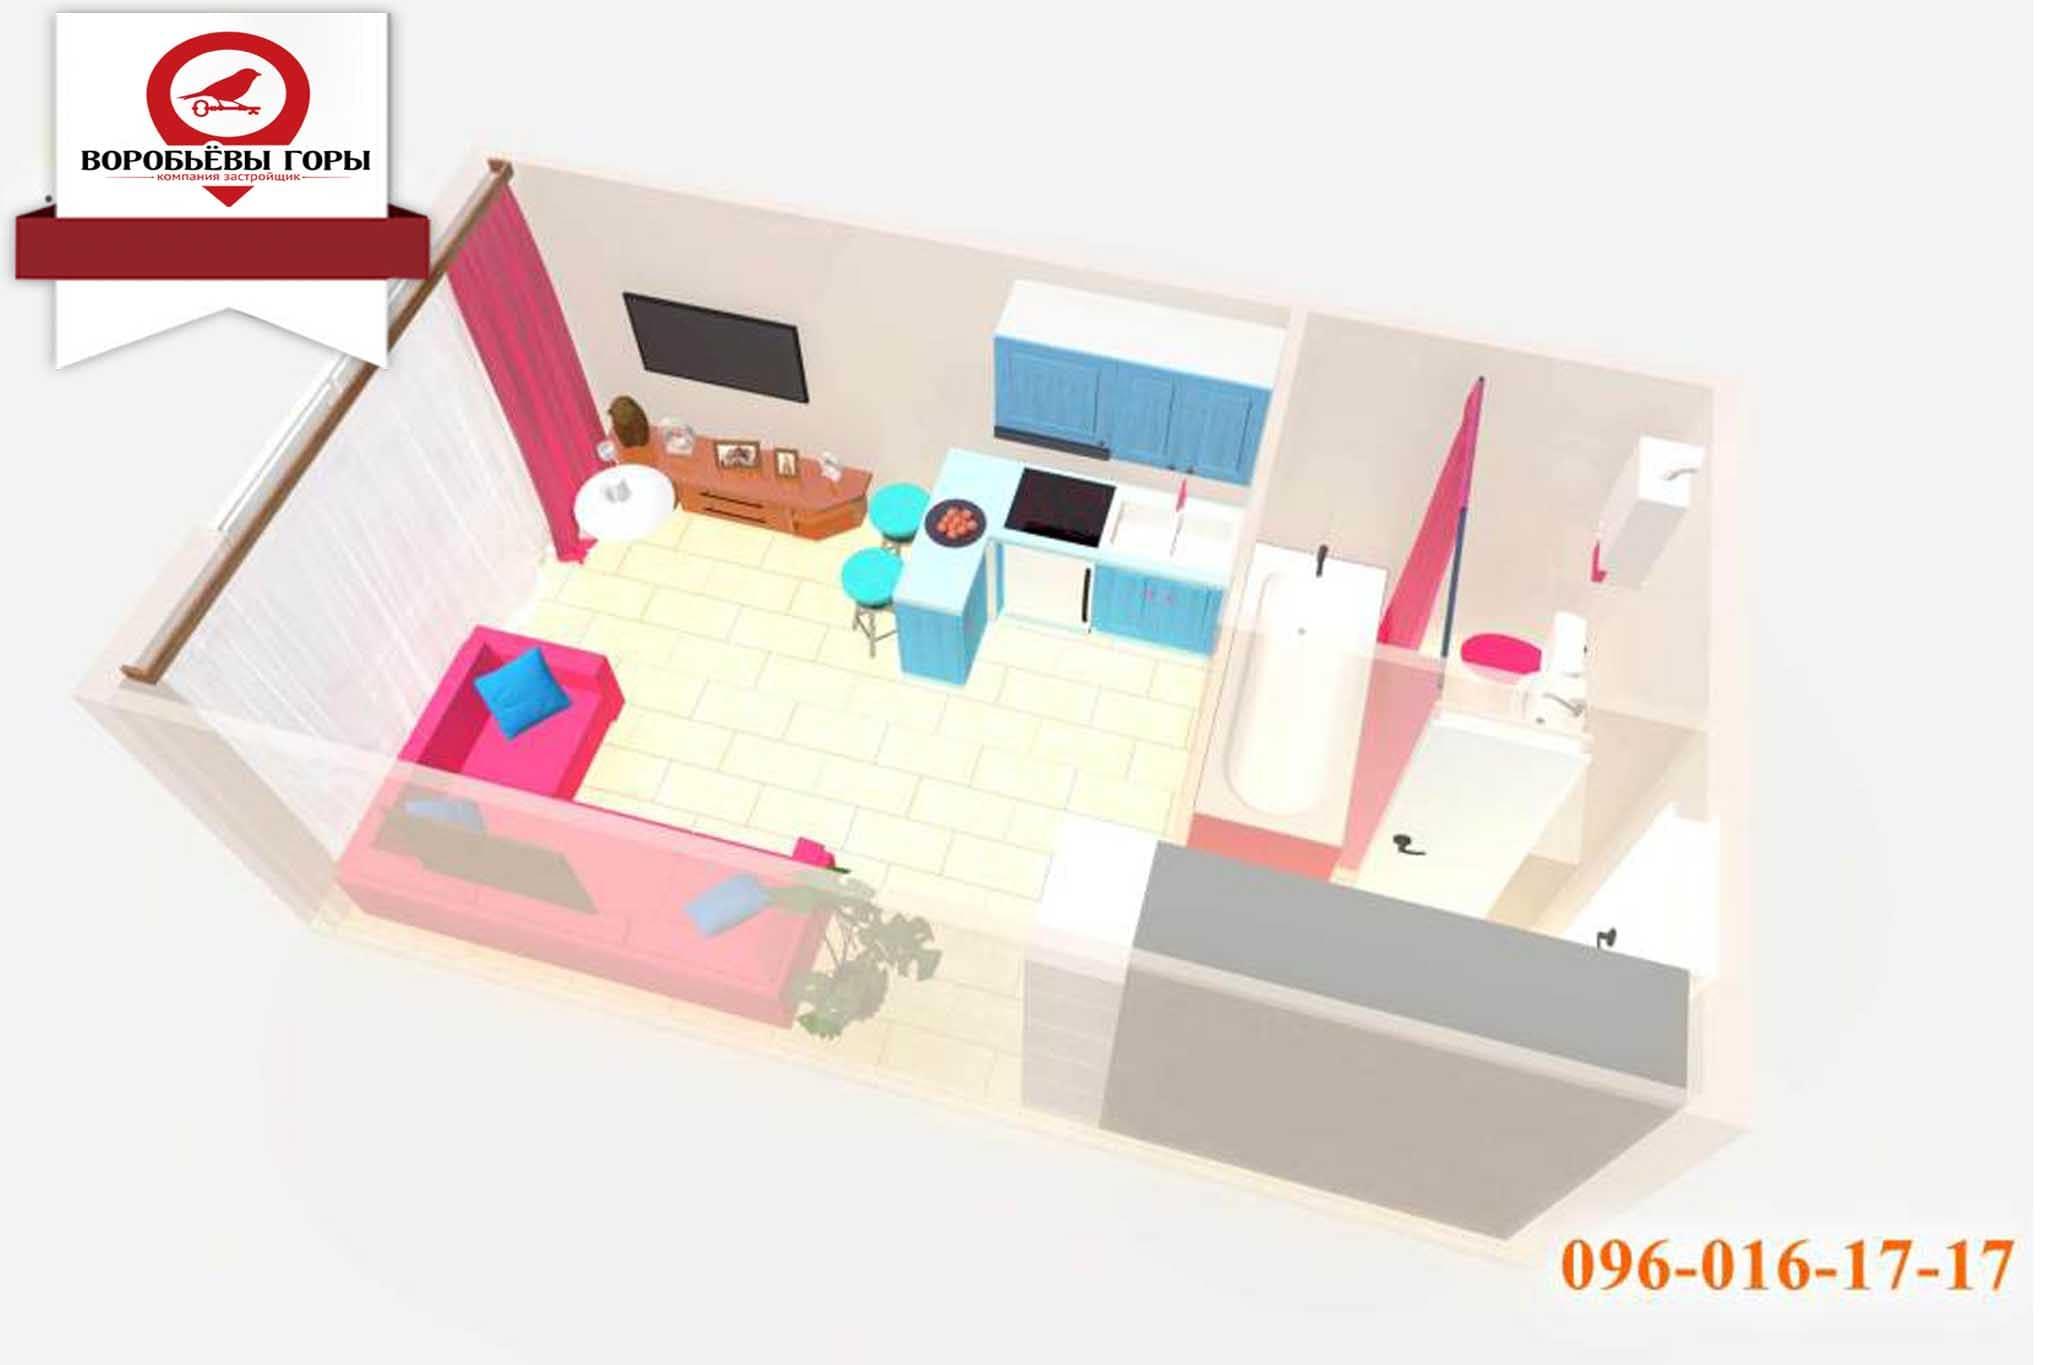 Дизайн интерьера квартиры-студии 23-25 м2, на примере ЖК «Воробьевы горы»